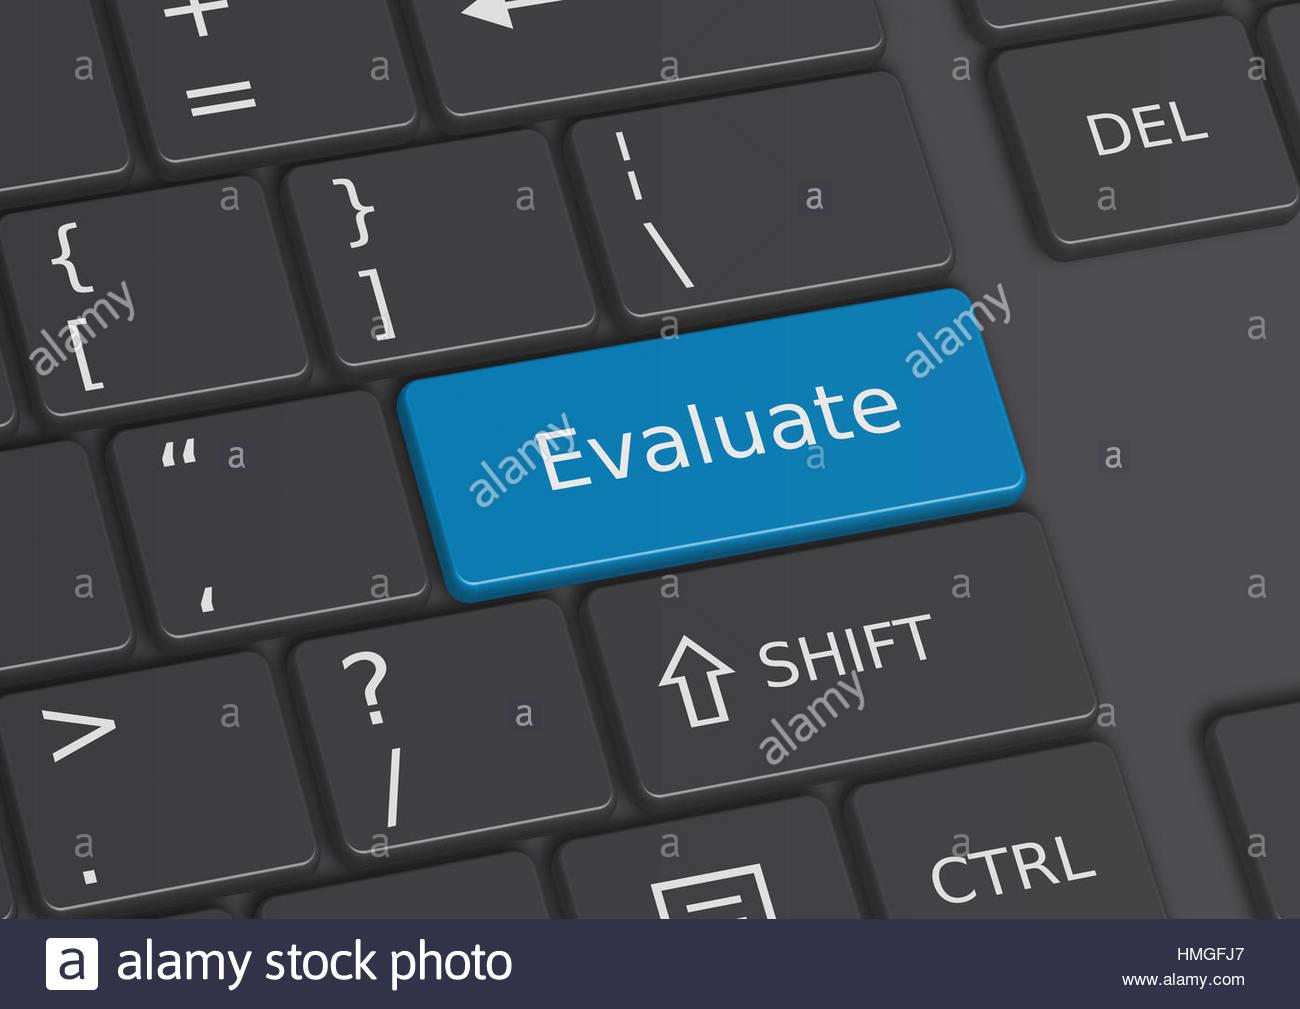 Das Wort Evaluate geschrieben auf eine blaue Taste von der Tastatur Stockbild